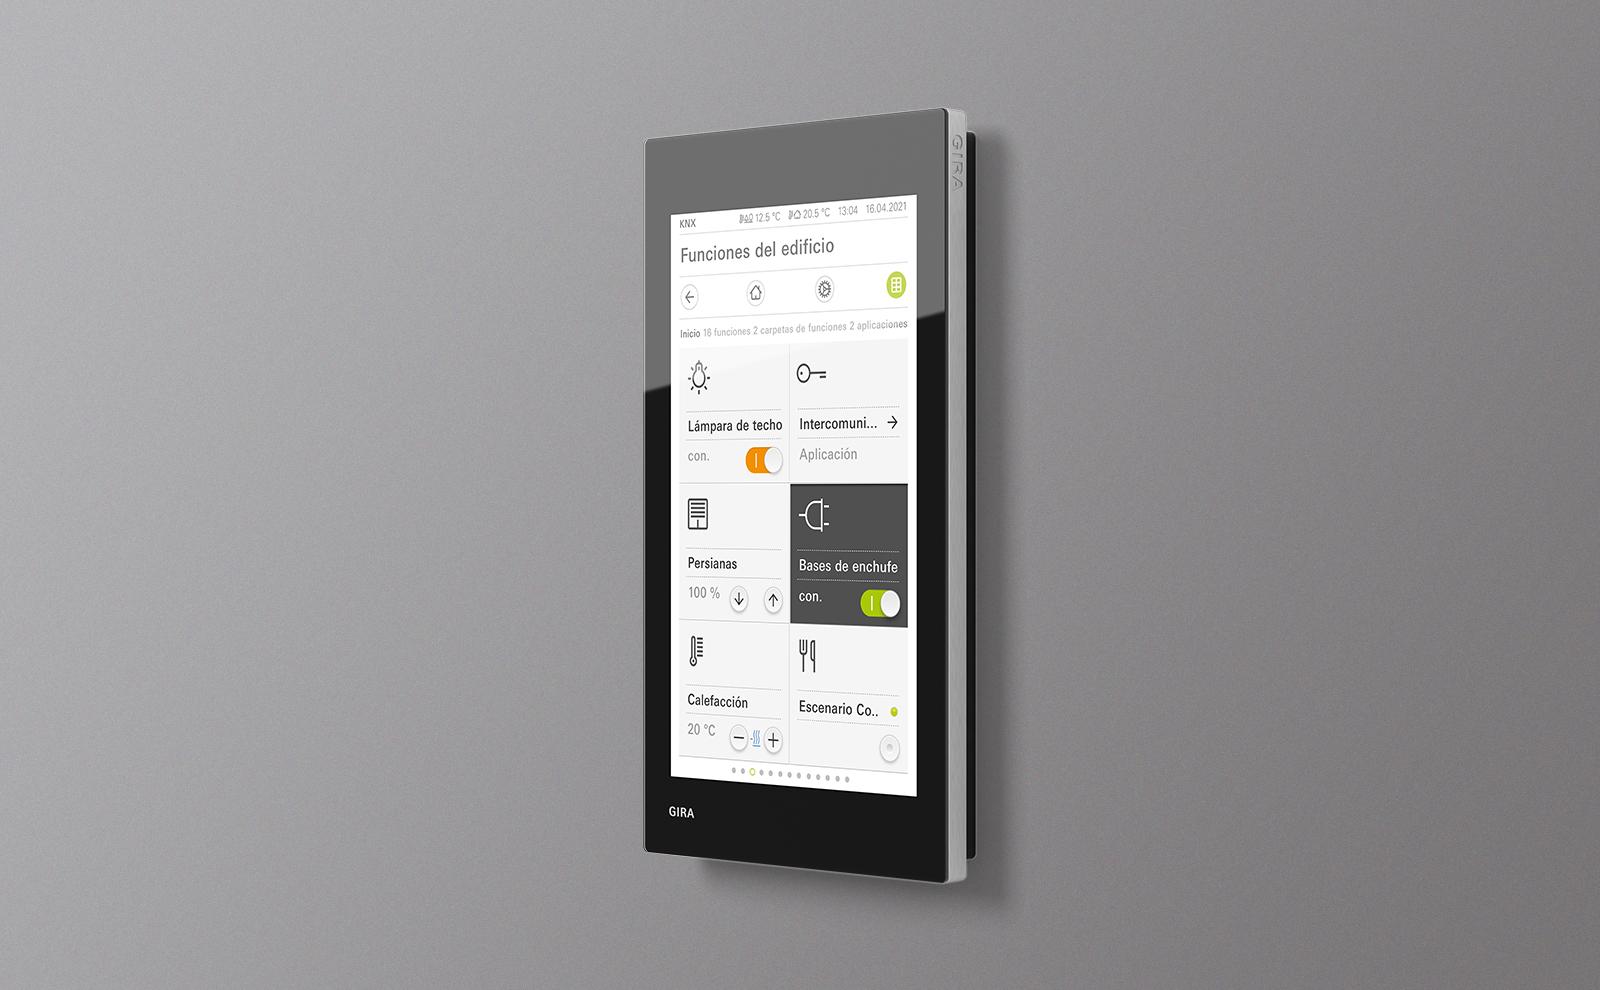 Gira G1 Touch Panel an der Wand